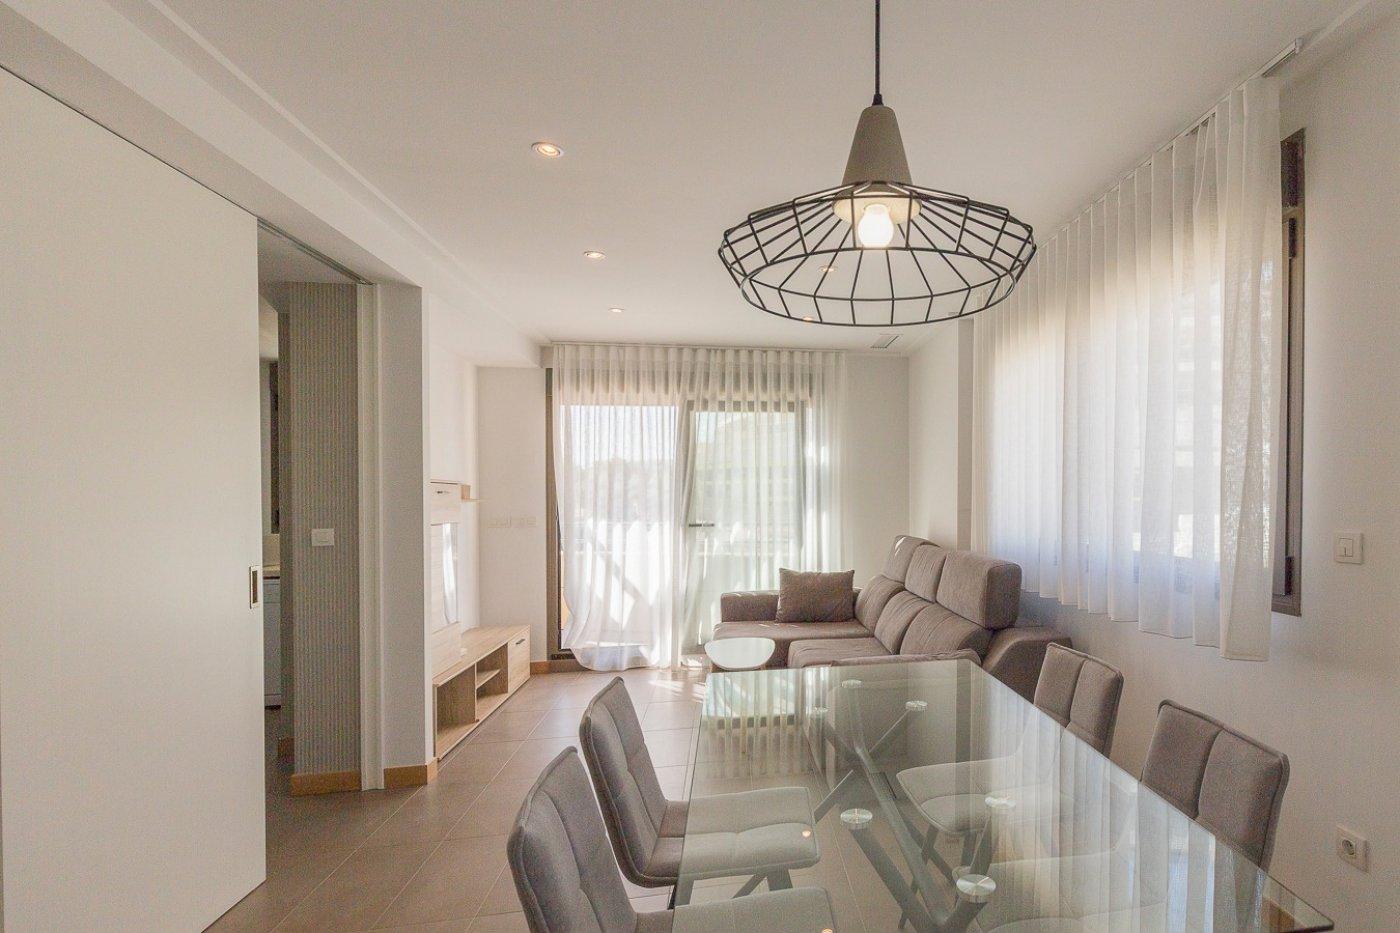 apartamento en arenales-del-sol · zona-paseo-maritimo 1100€